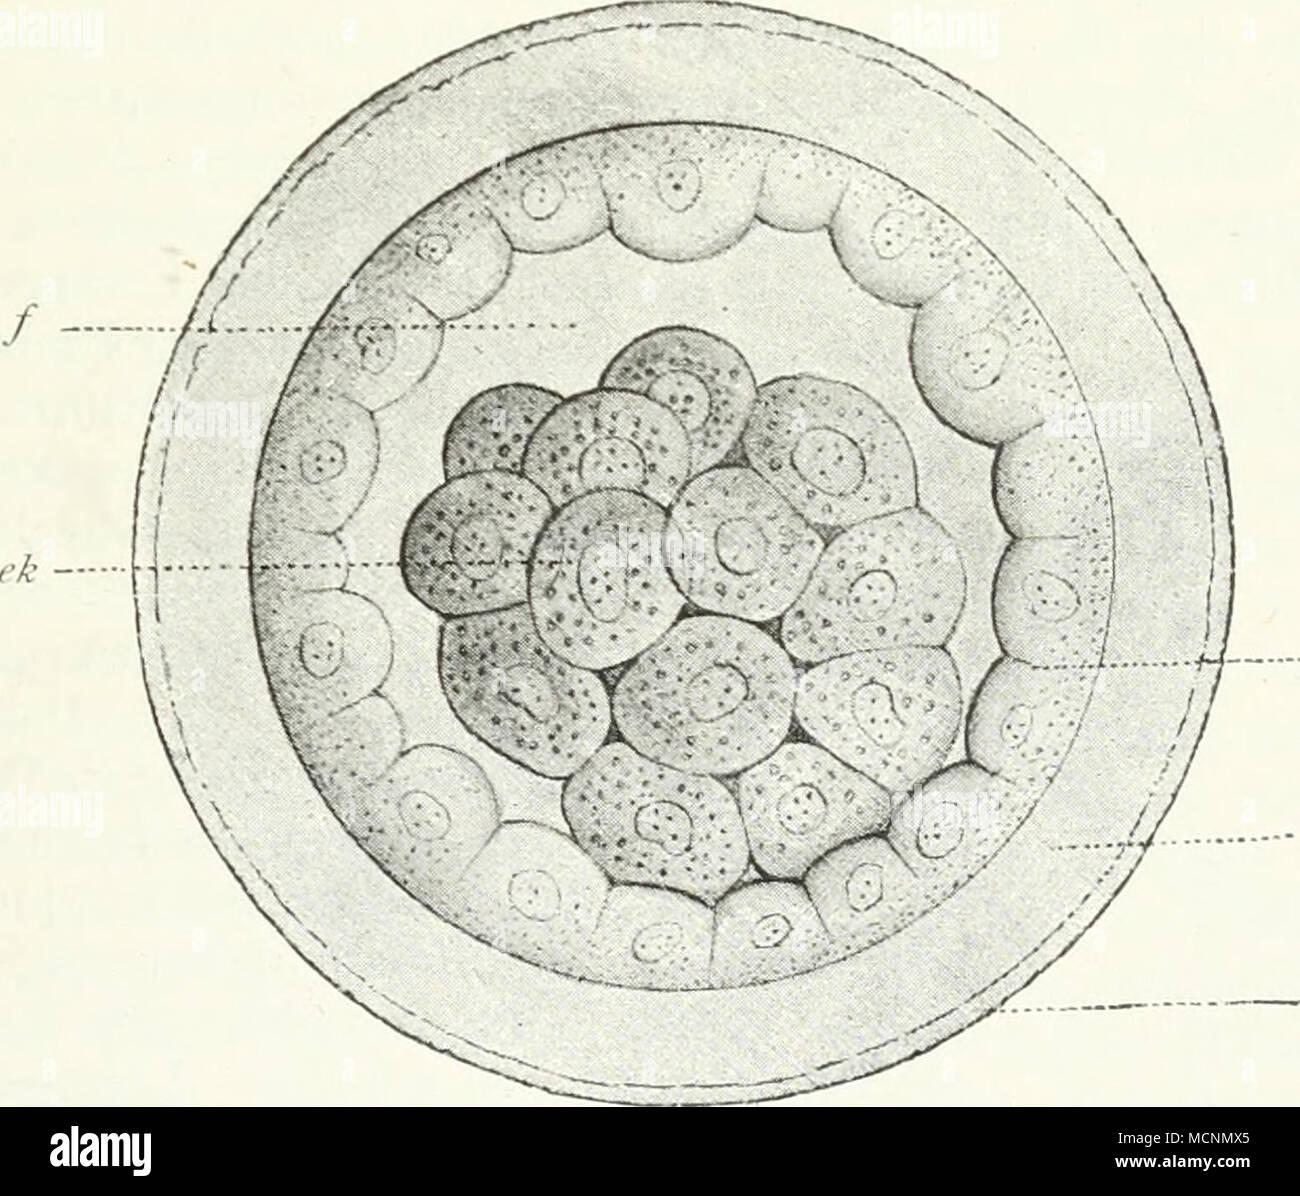 Decidua parietalis vor weiteren Zugriffen des Trophoblastes zu schiitzen.